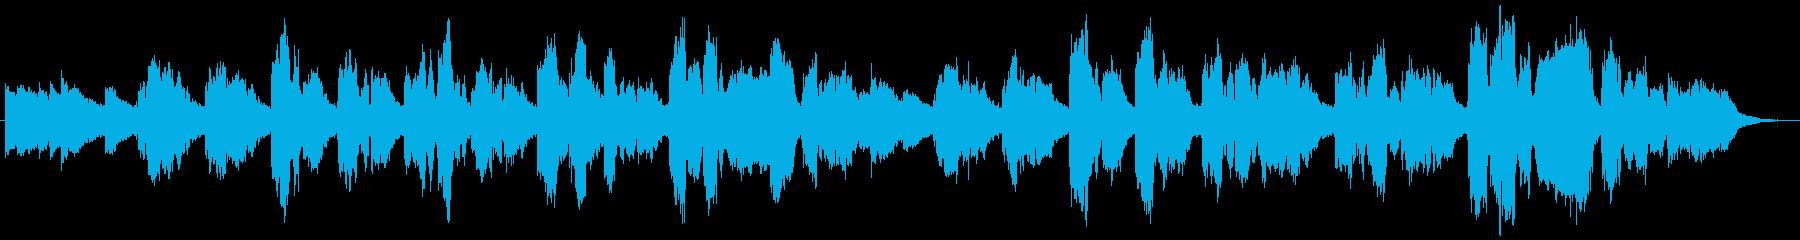 ソプラノコーラス原語のドイツ語での再生済みの波形